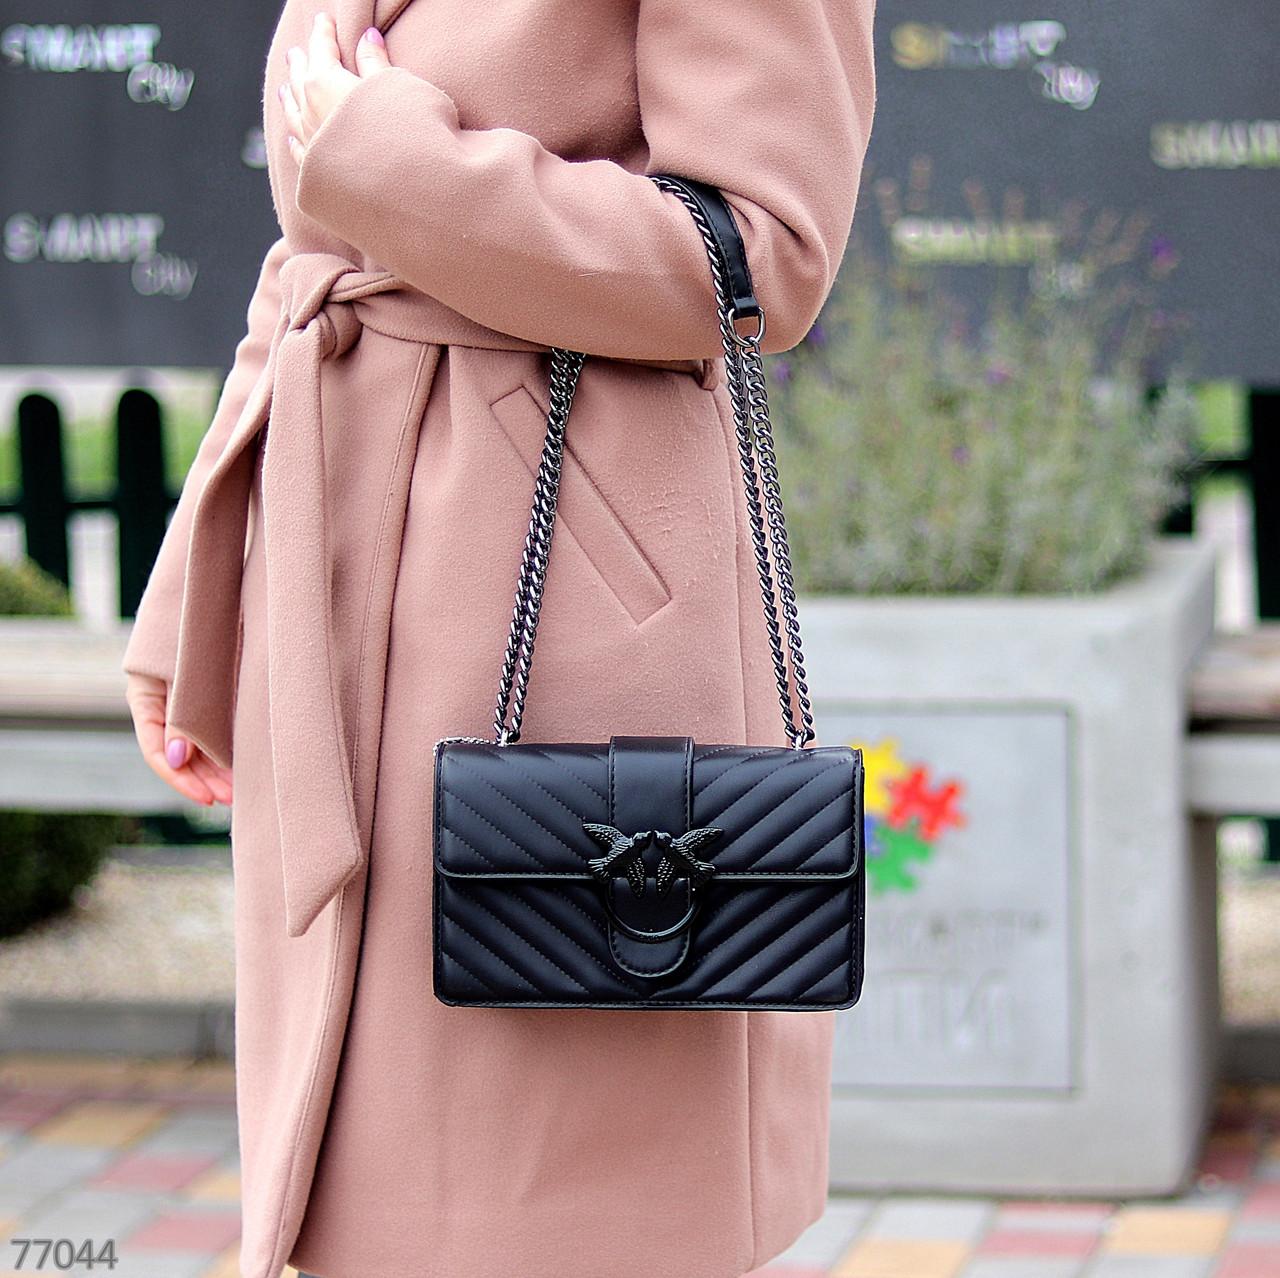 Стильна міська жіноча чорна міні сумка клатч ручки ланцюг крос боді через плече